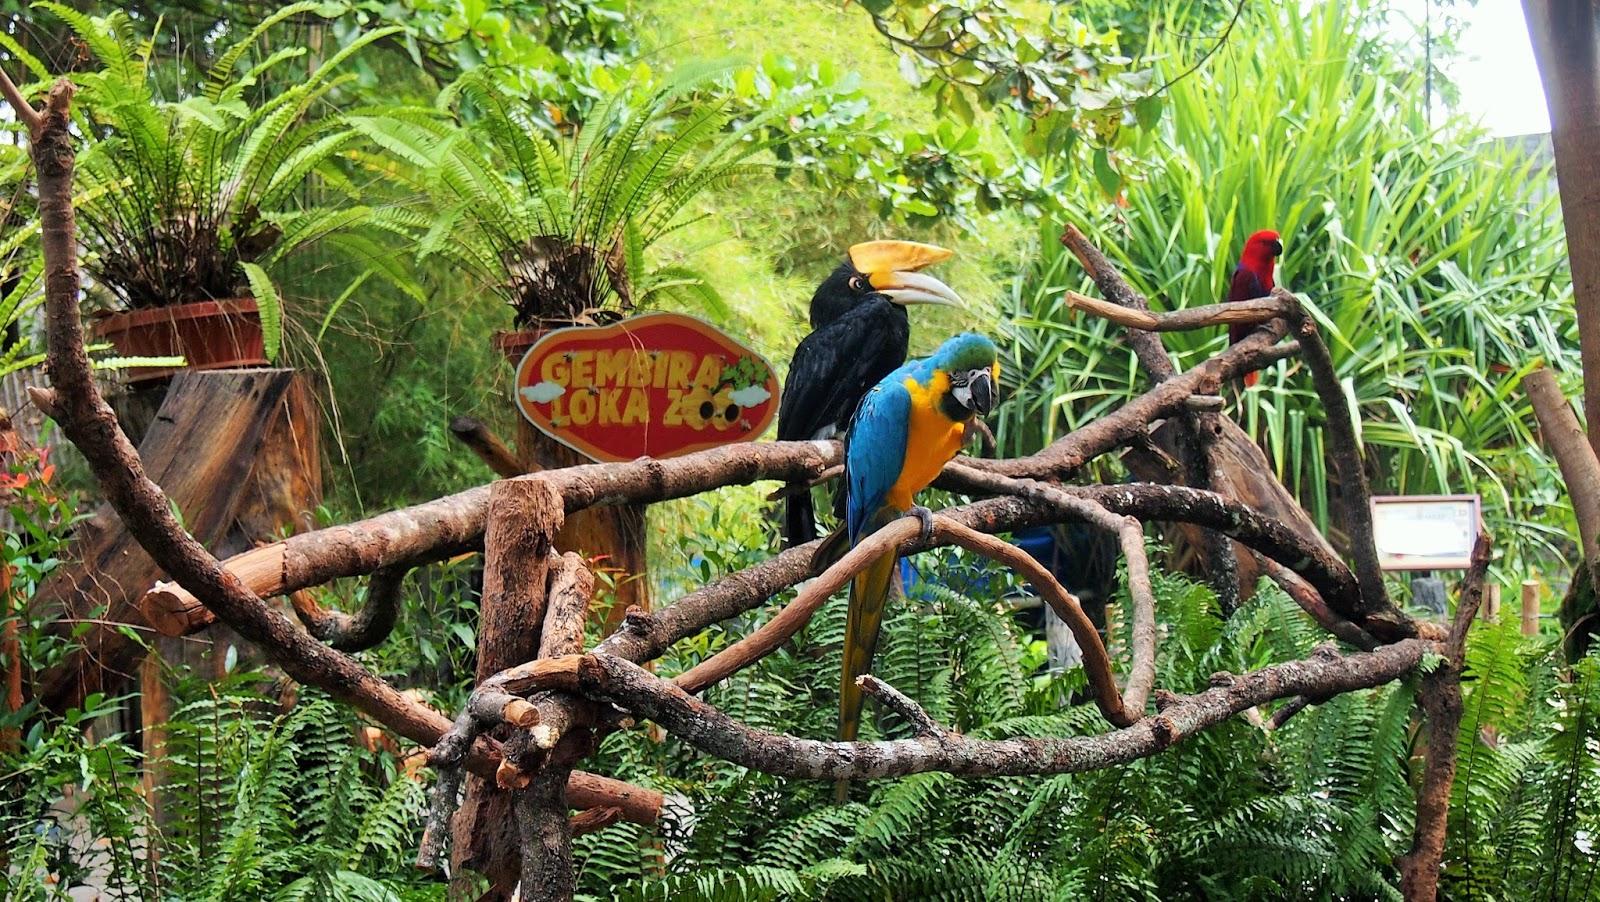 gembira loka zoo in yogyakarta is worth to visit